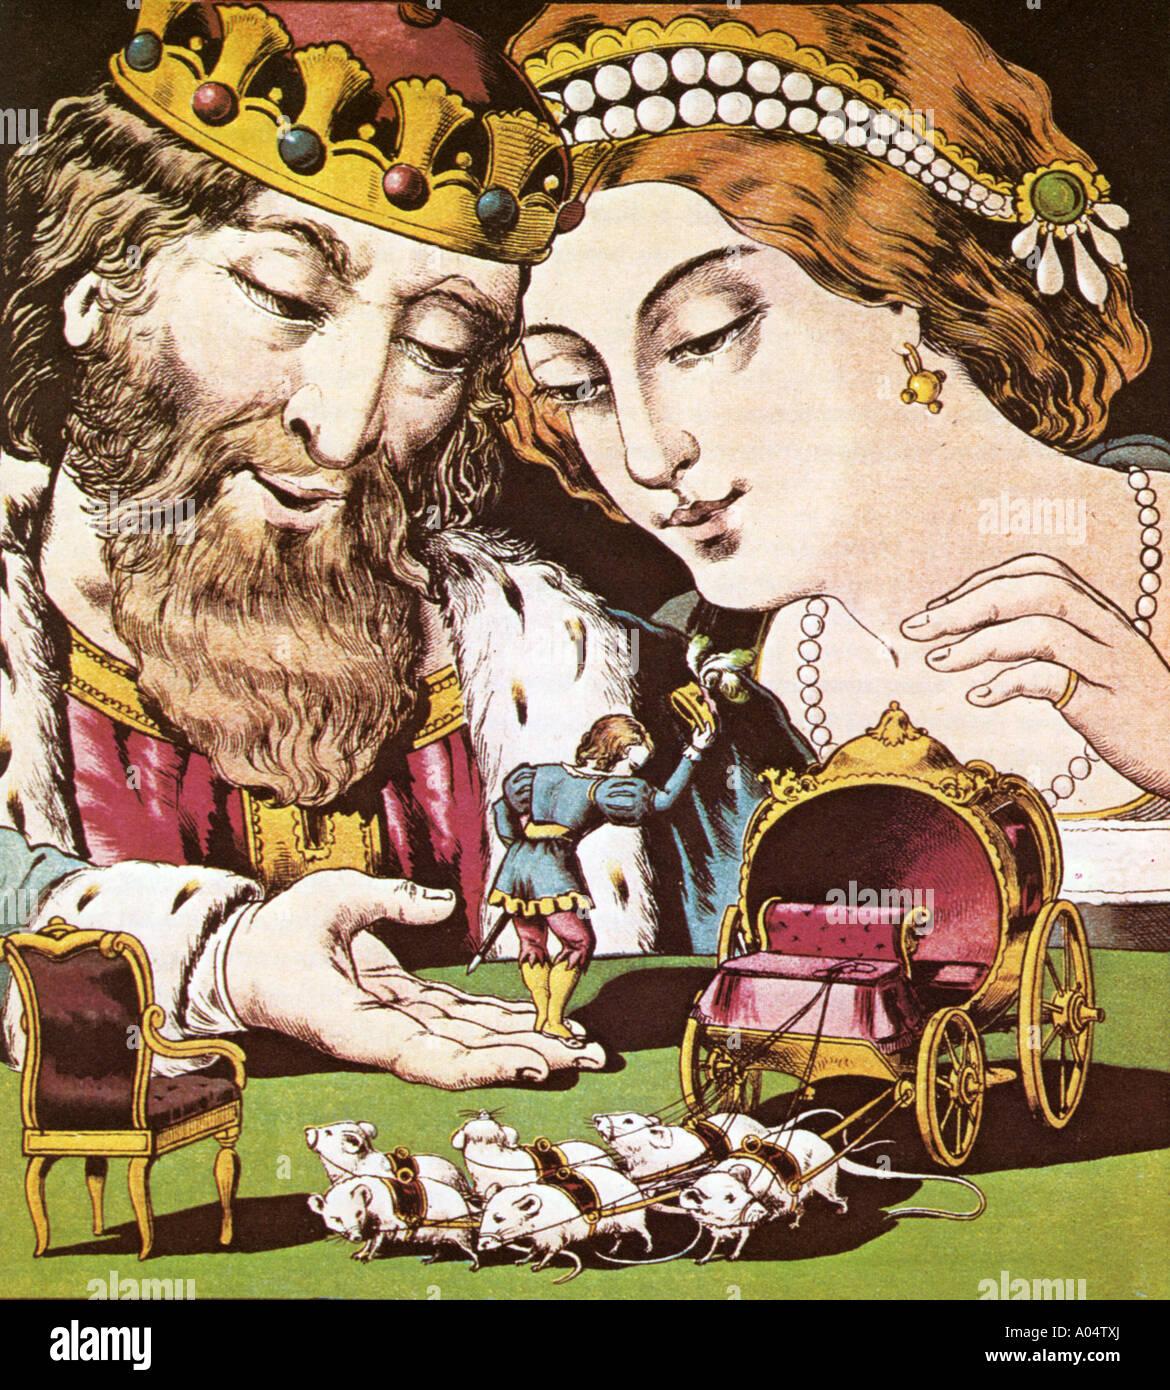 TOM THUMB unterhält, der König und die Königin aus der Geschichte von Tom Thumb veröffentlicht Stockbild